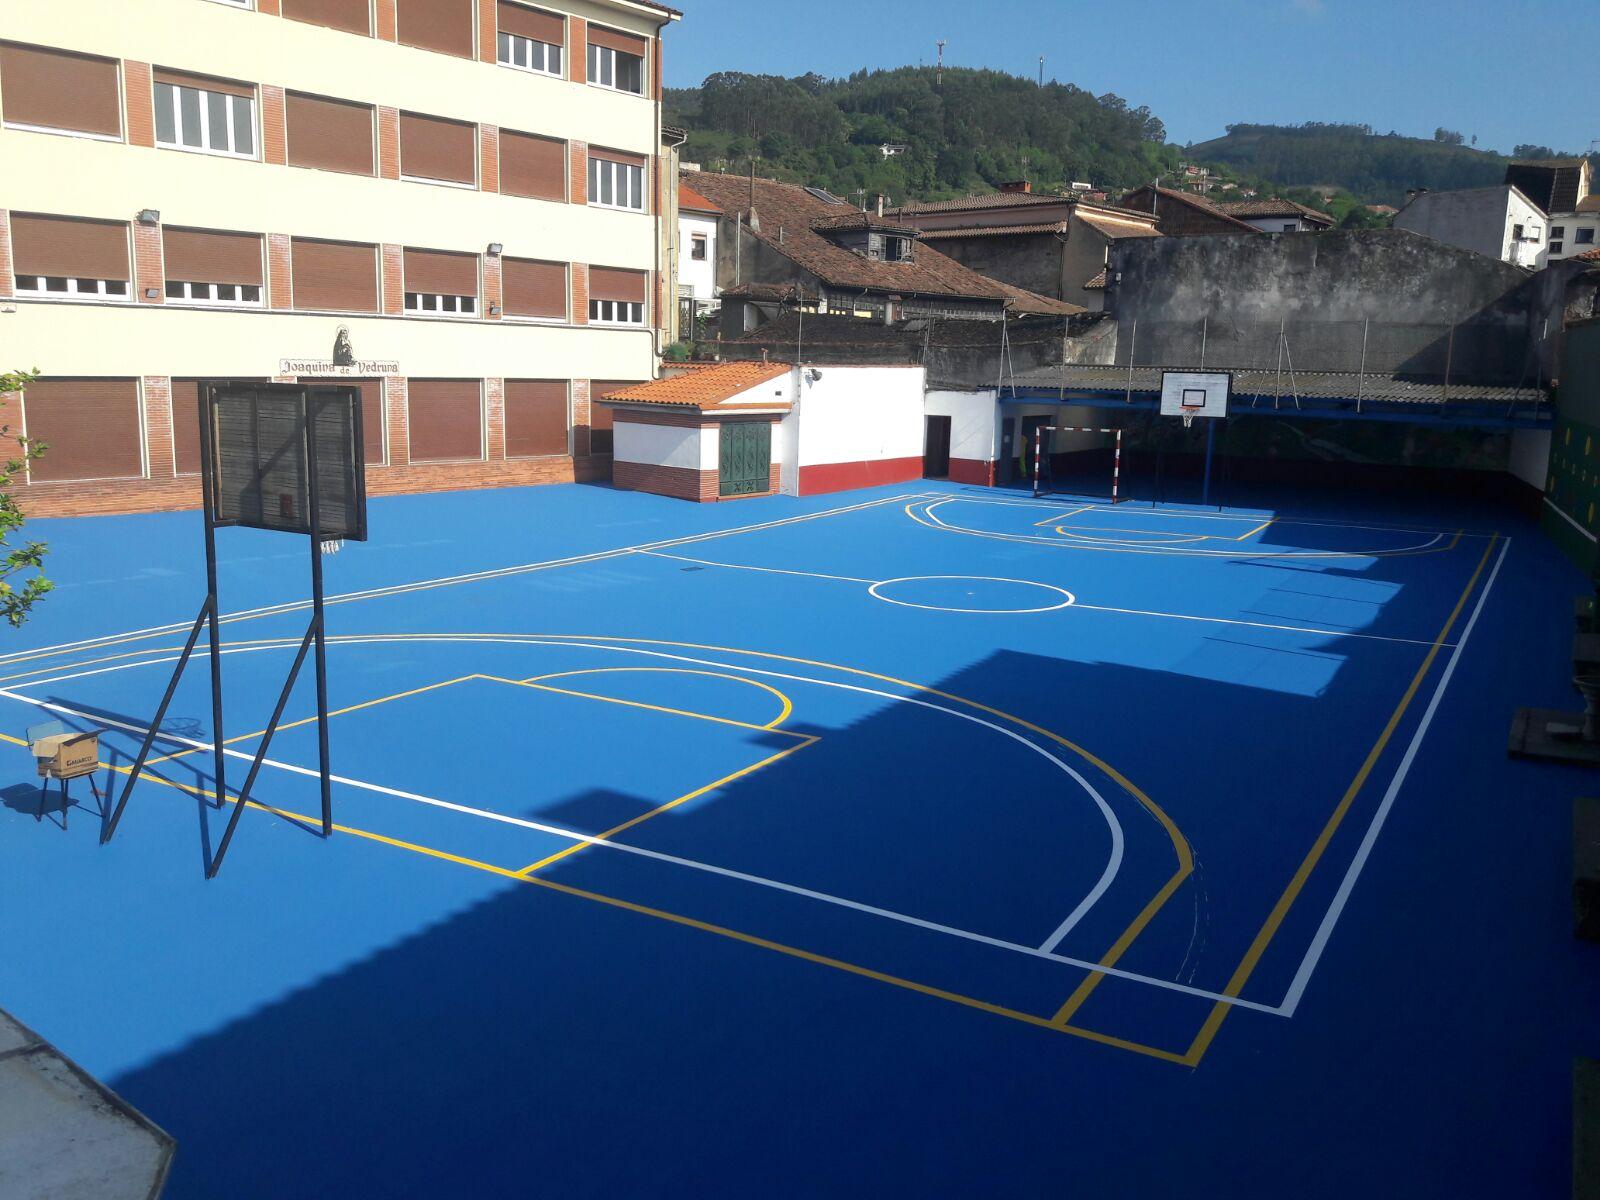 Colegio Público Maliayo en Villaviciosa14